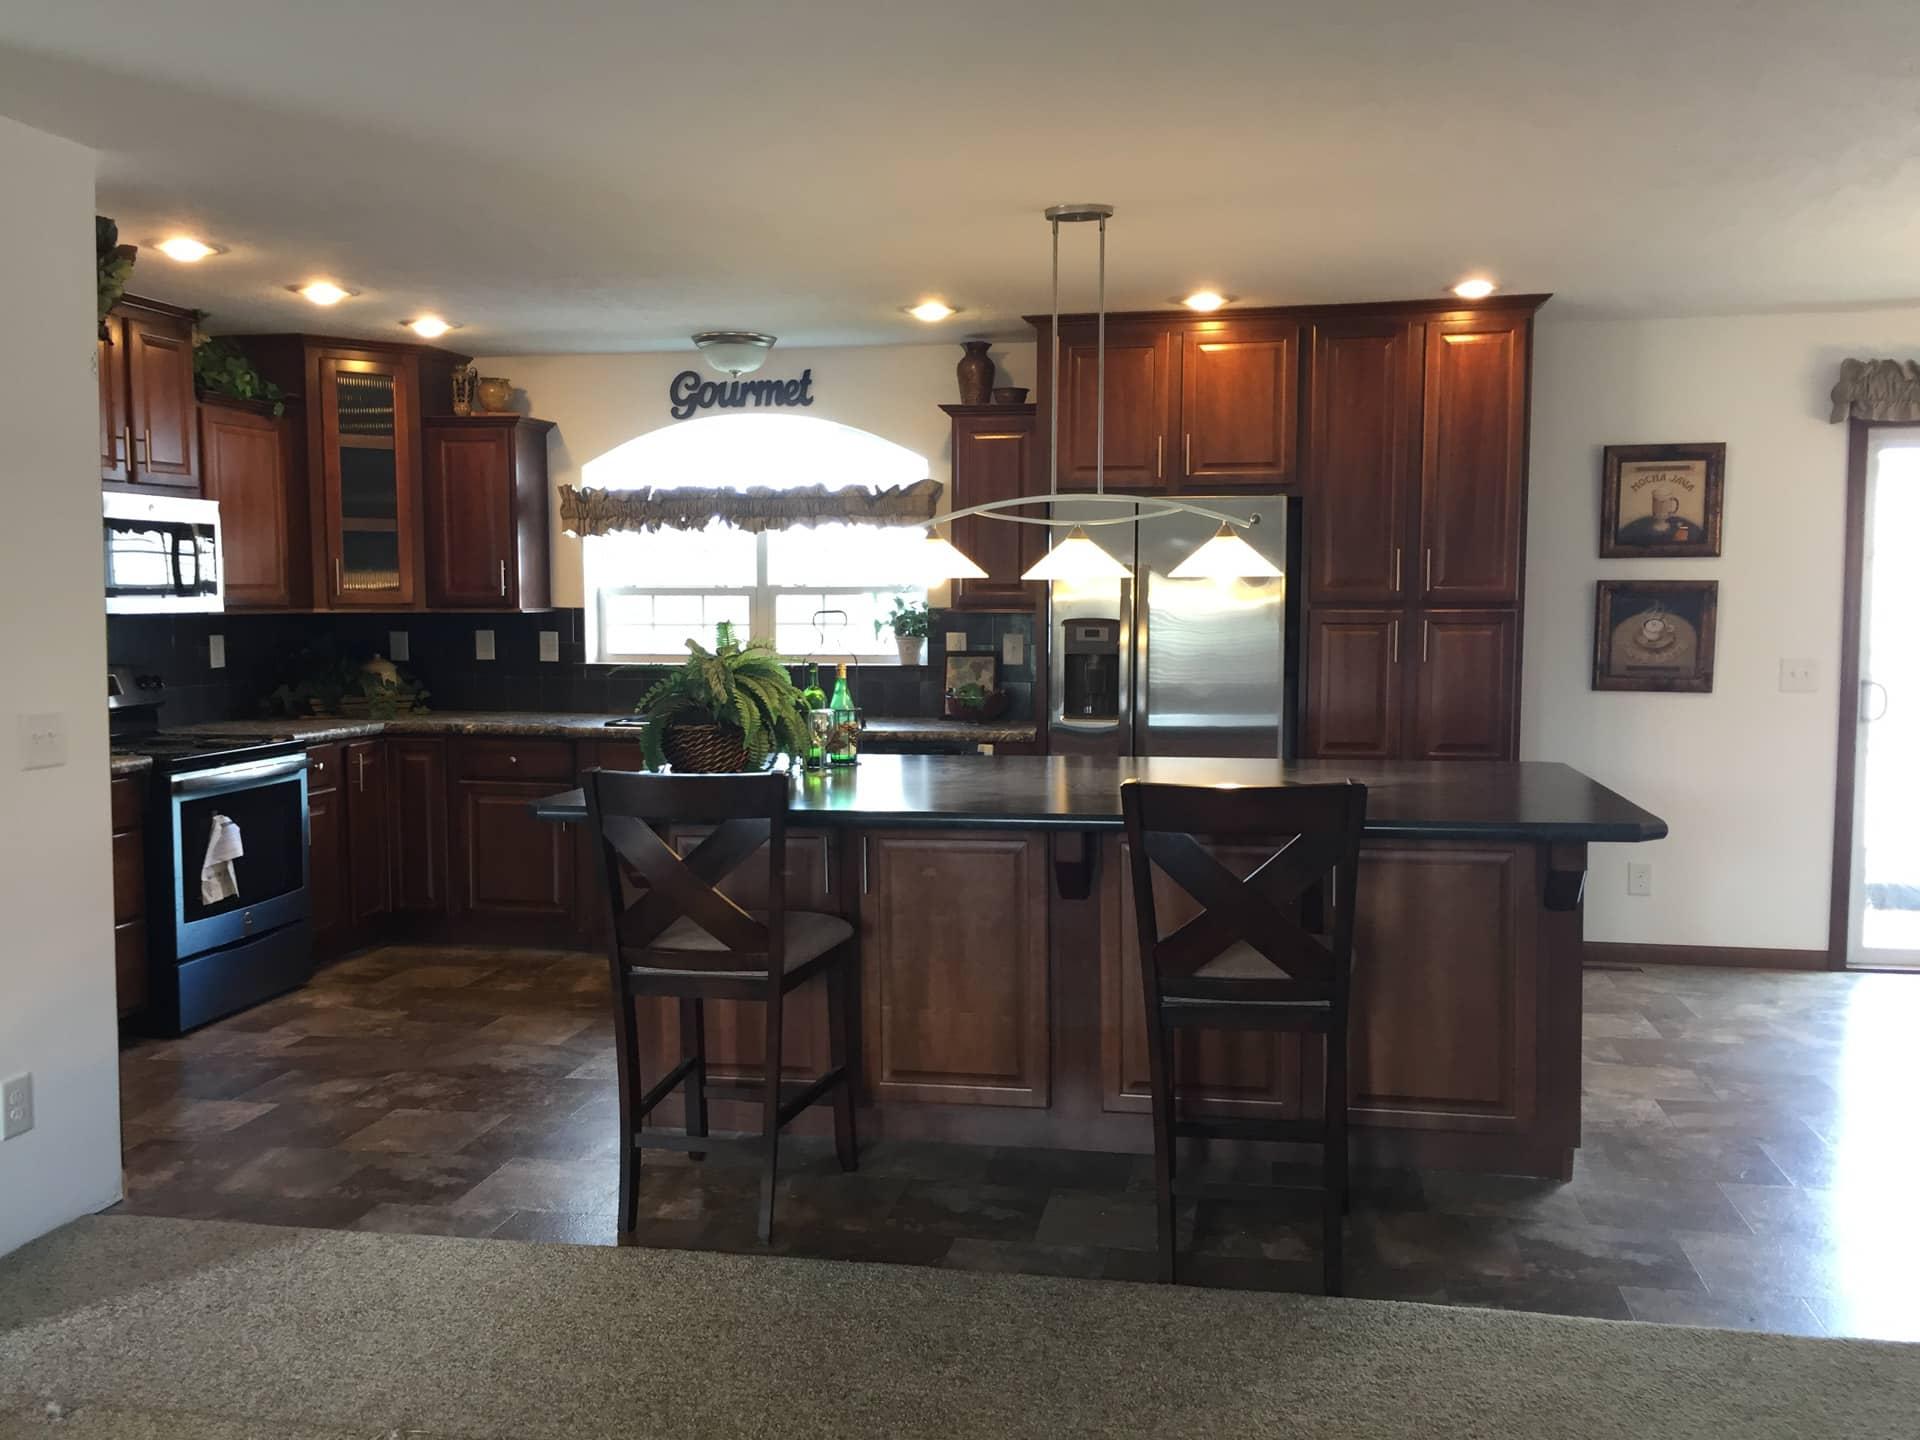 Lionel kitchen island